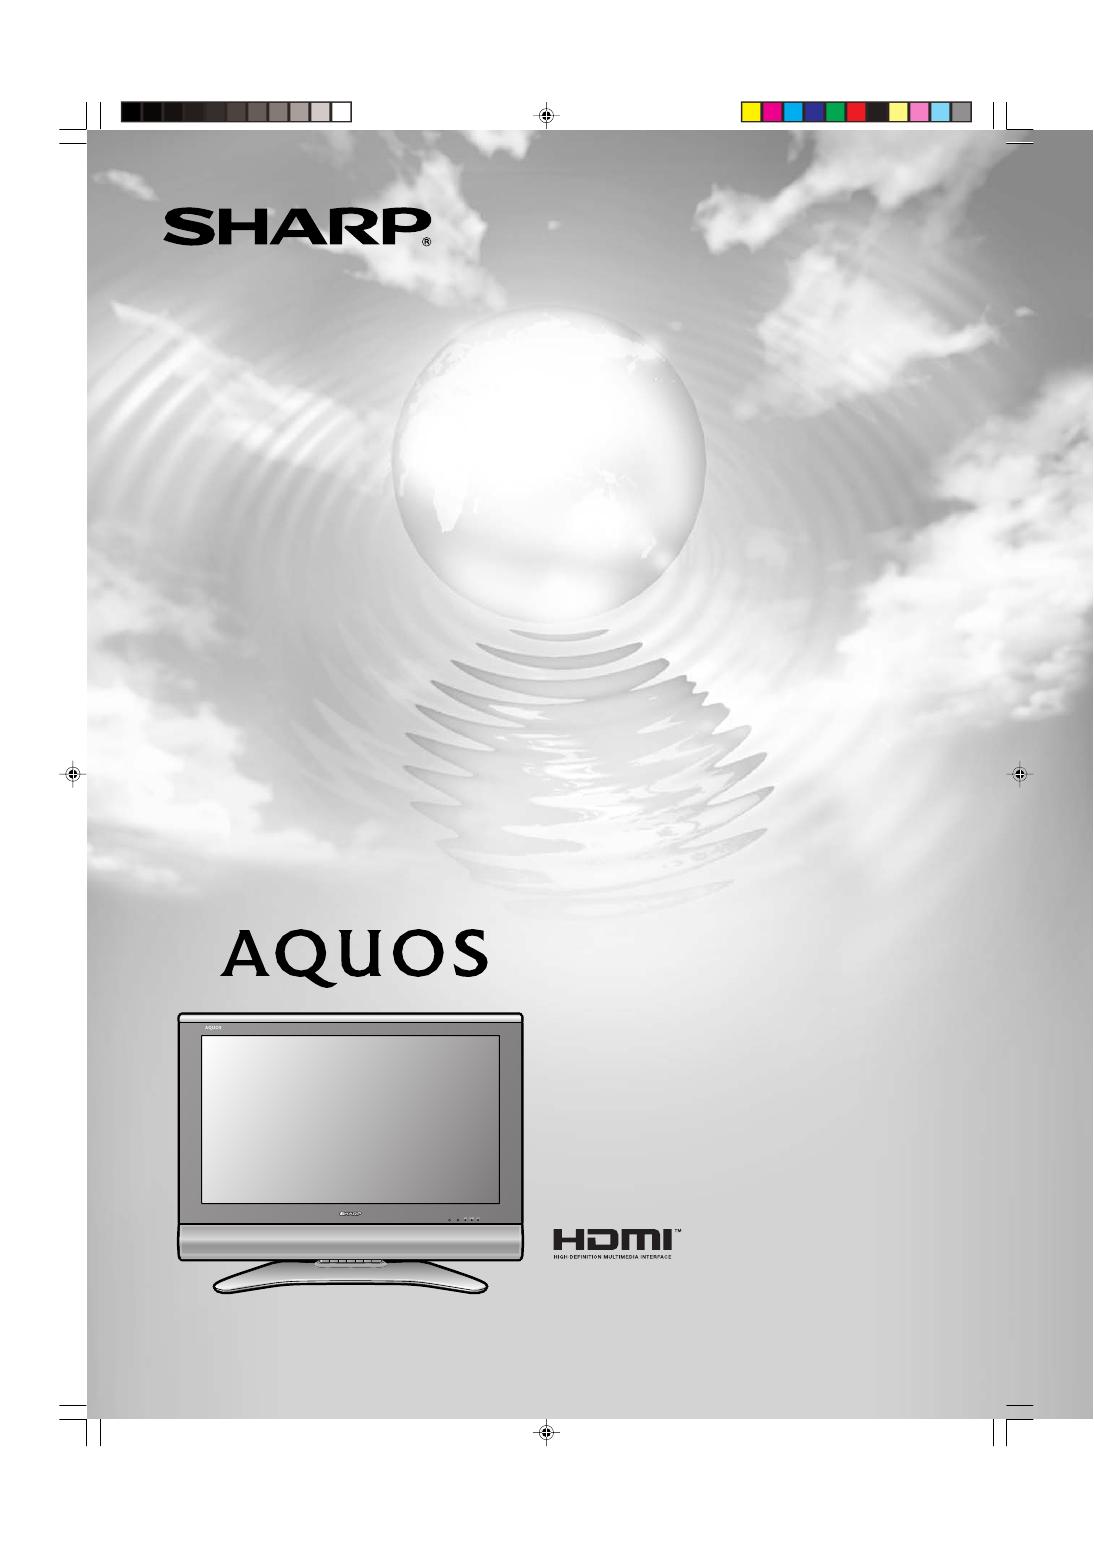 Инструкция к телевизору sharp aquos